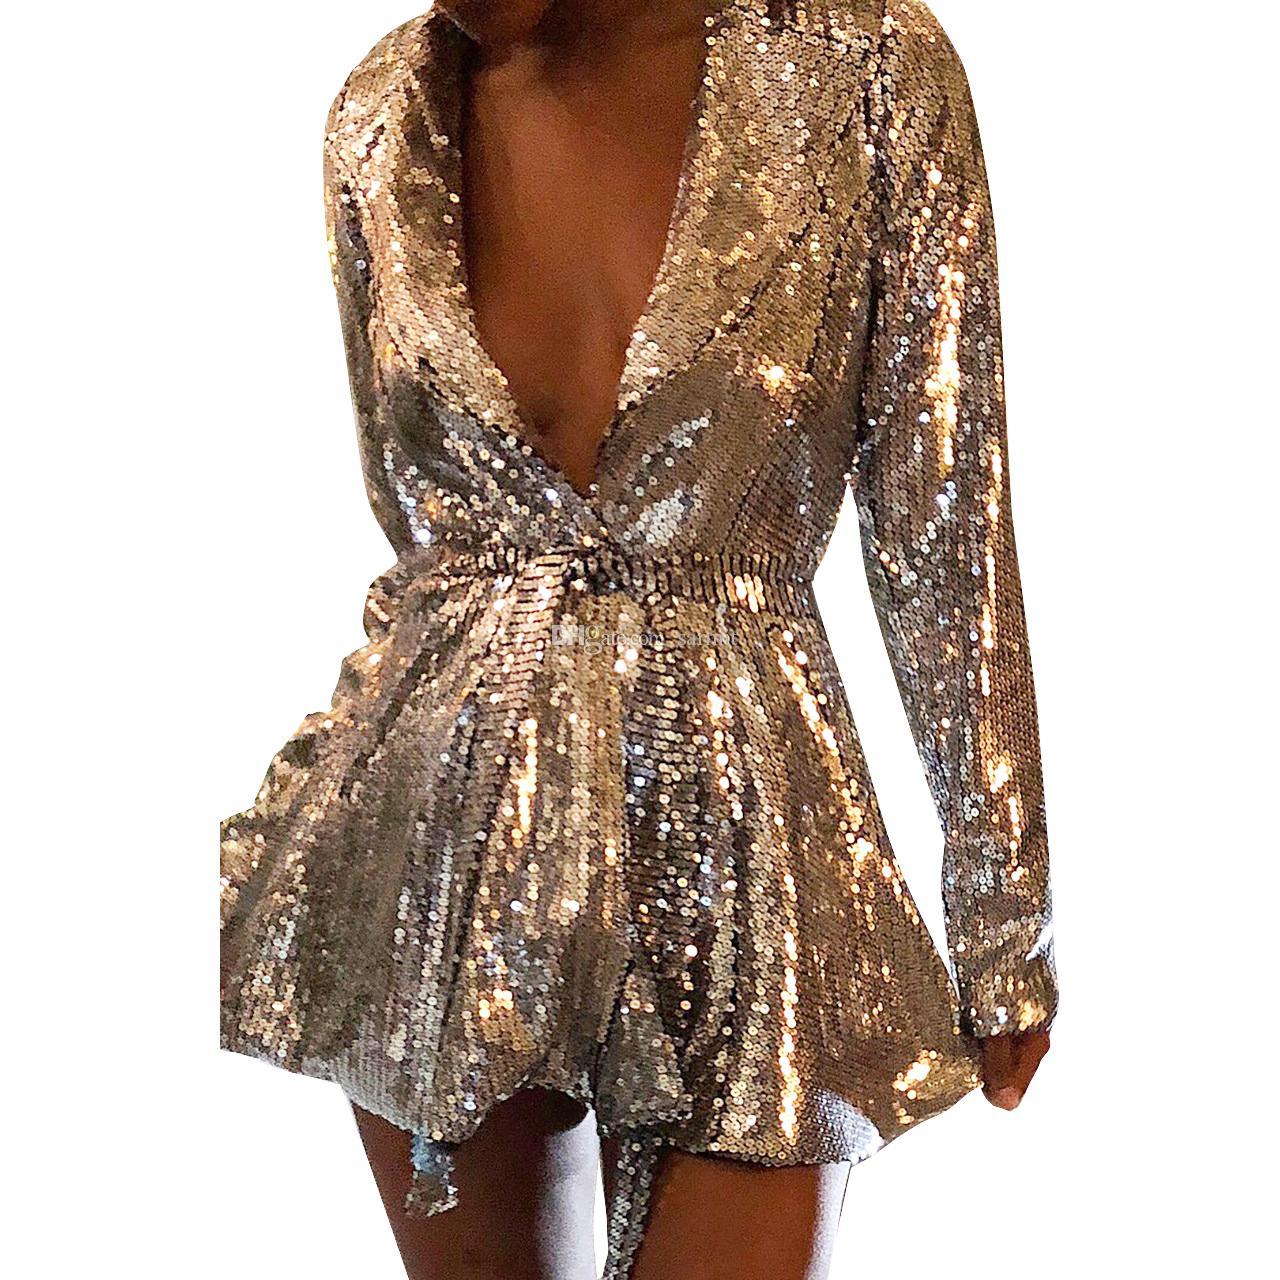 b1585d64c59c 2019 Full Sequins Women Mini Glitter Dress Shiny Sexy Deep V Dress Club  Bodycon Mini Dress Sale F0656 S XXL Long Sleeve Waist Belt From Sarmit